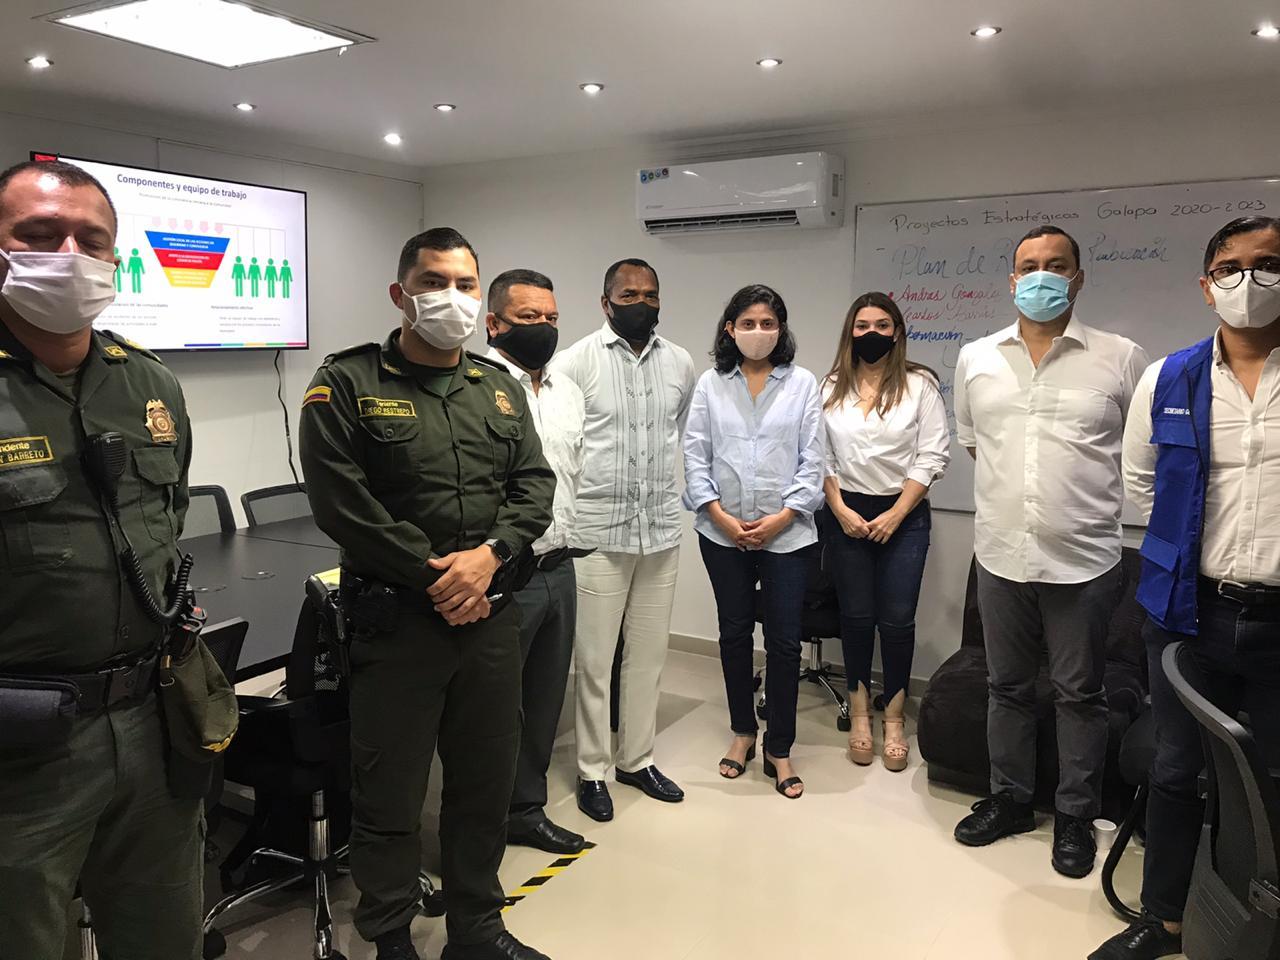 AMB, Gobernación y municipios de Galapa, Malambo y Puerto Colombia firman convenio para fortalecer convivencia ciudadana – @alcaldiabquilla @Gobatlantico